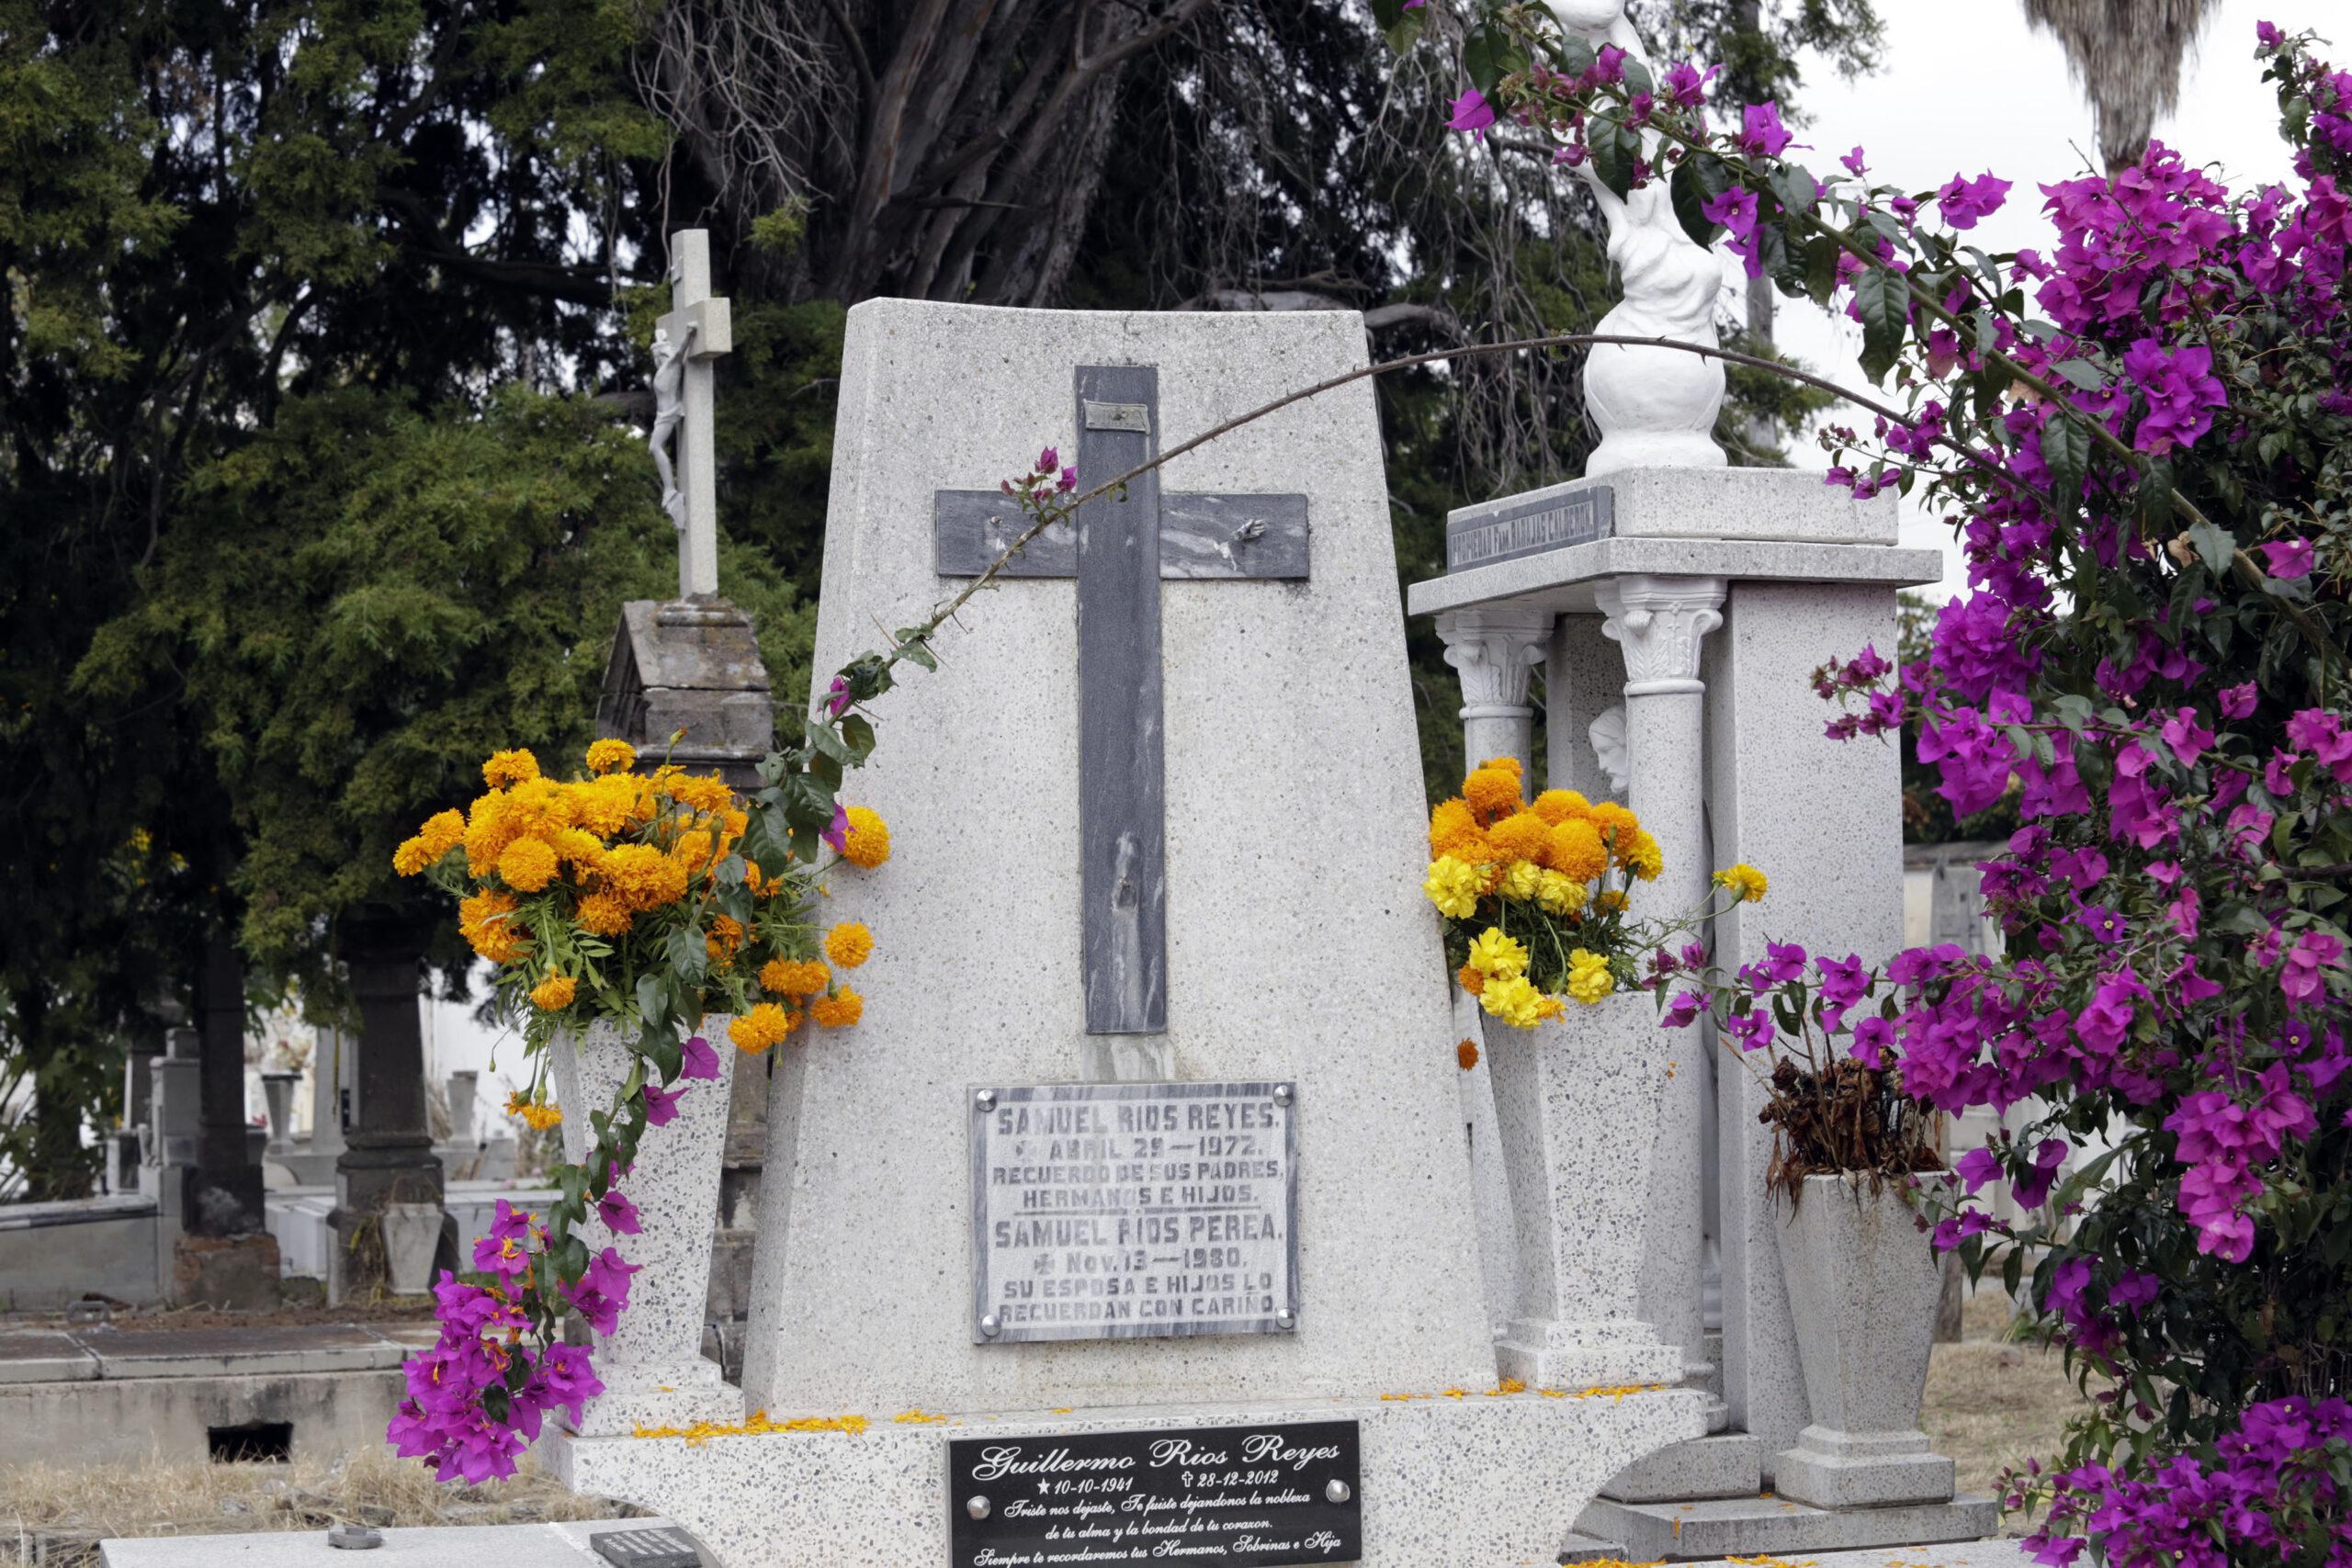 Panteones de Tepalcingo en Morelos